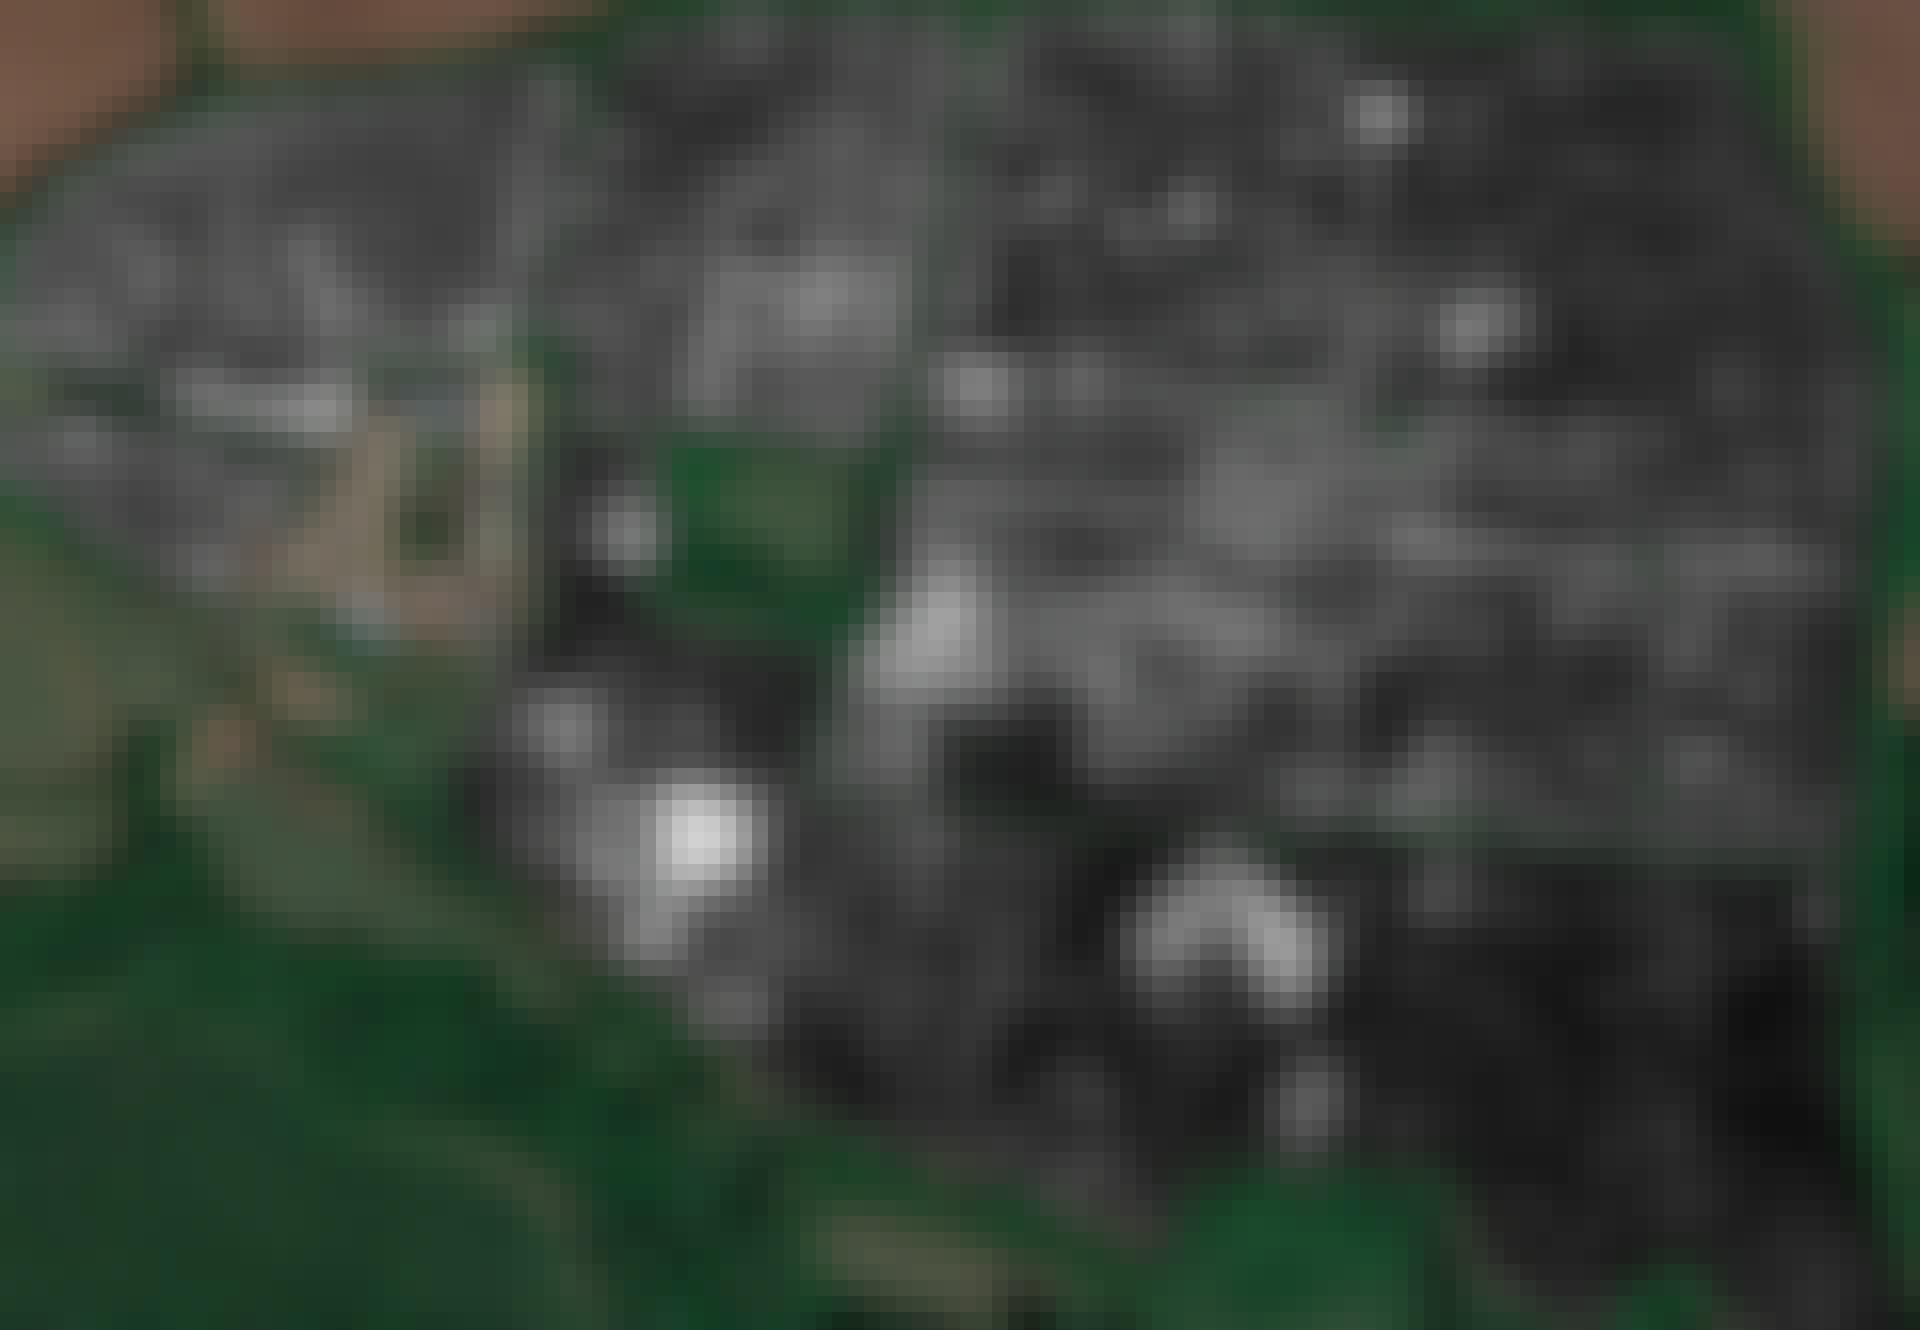 falerii novi, radarbilder av antik stad